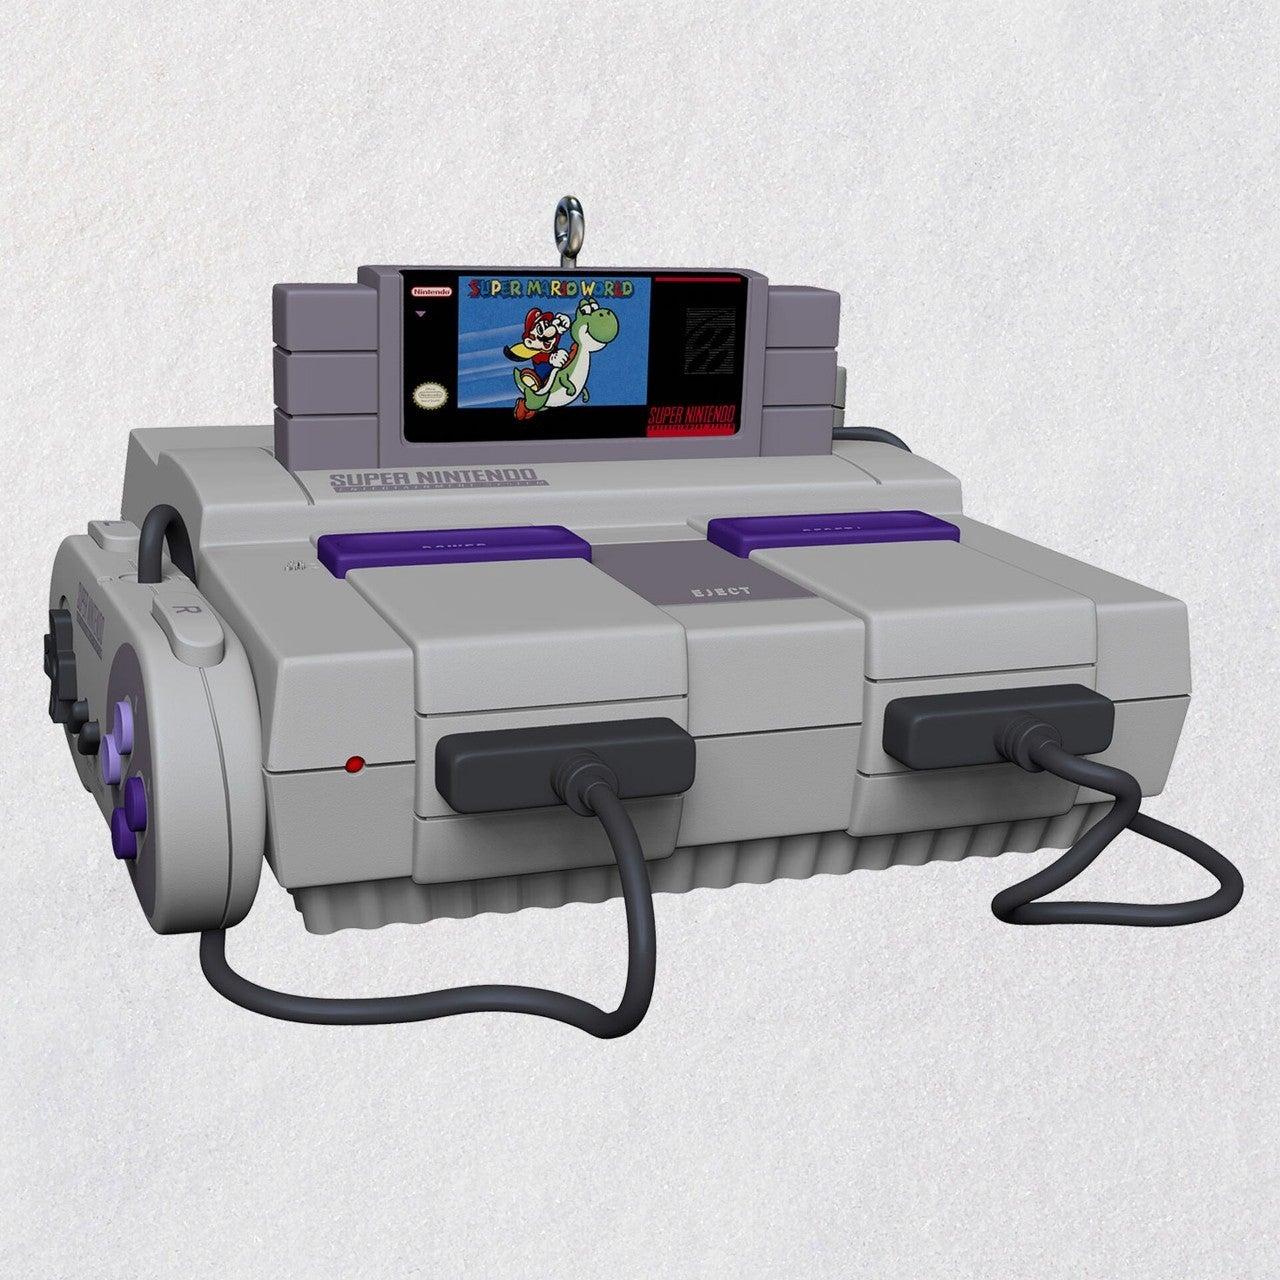 Nintendo-Super-NES-Konsole-Andenken-Ornament-mit-Licht-und-Ton_1999QXI7442_01